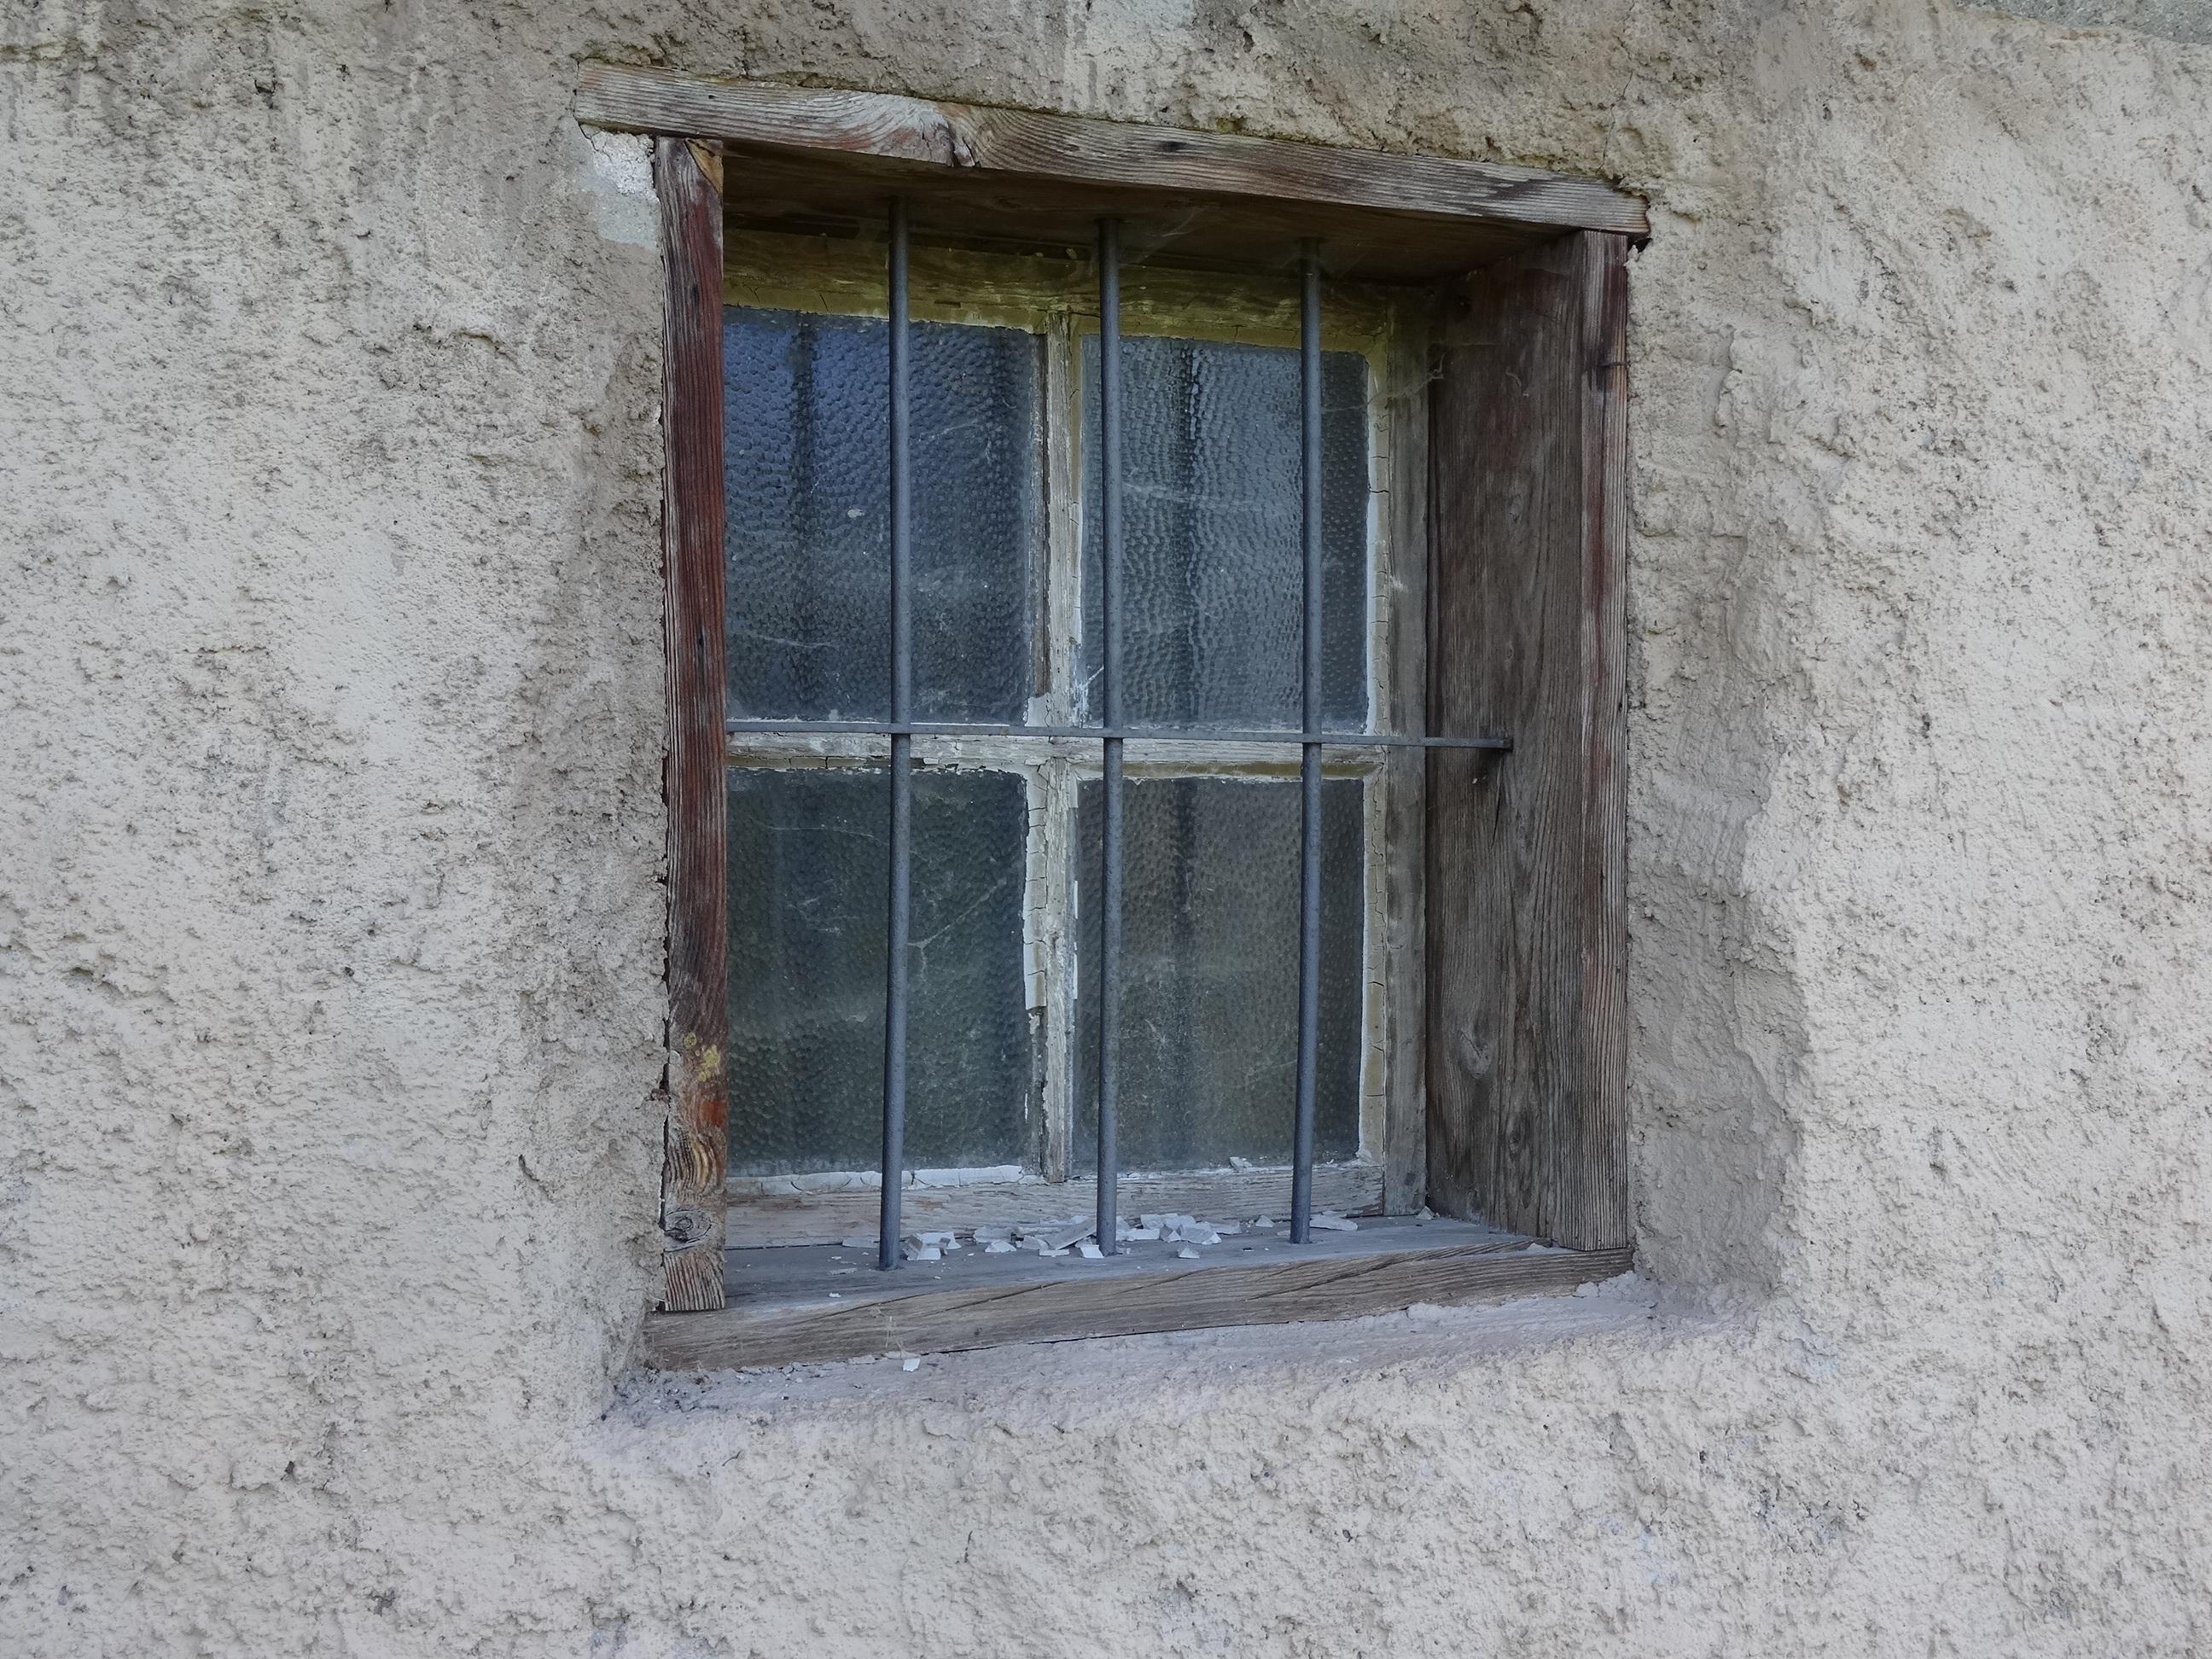 Fotos gratis : antiguo, pared, pueblo, cabaña, fachada, propiedad ...